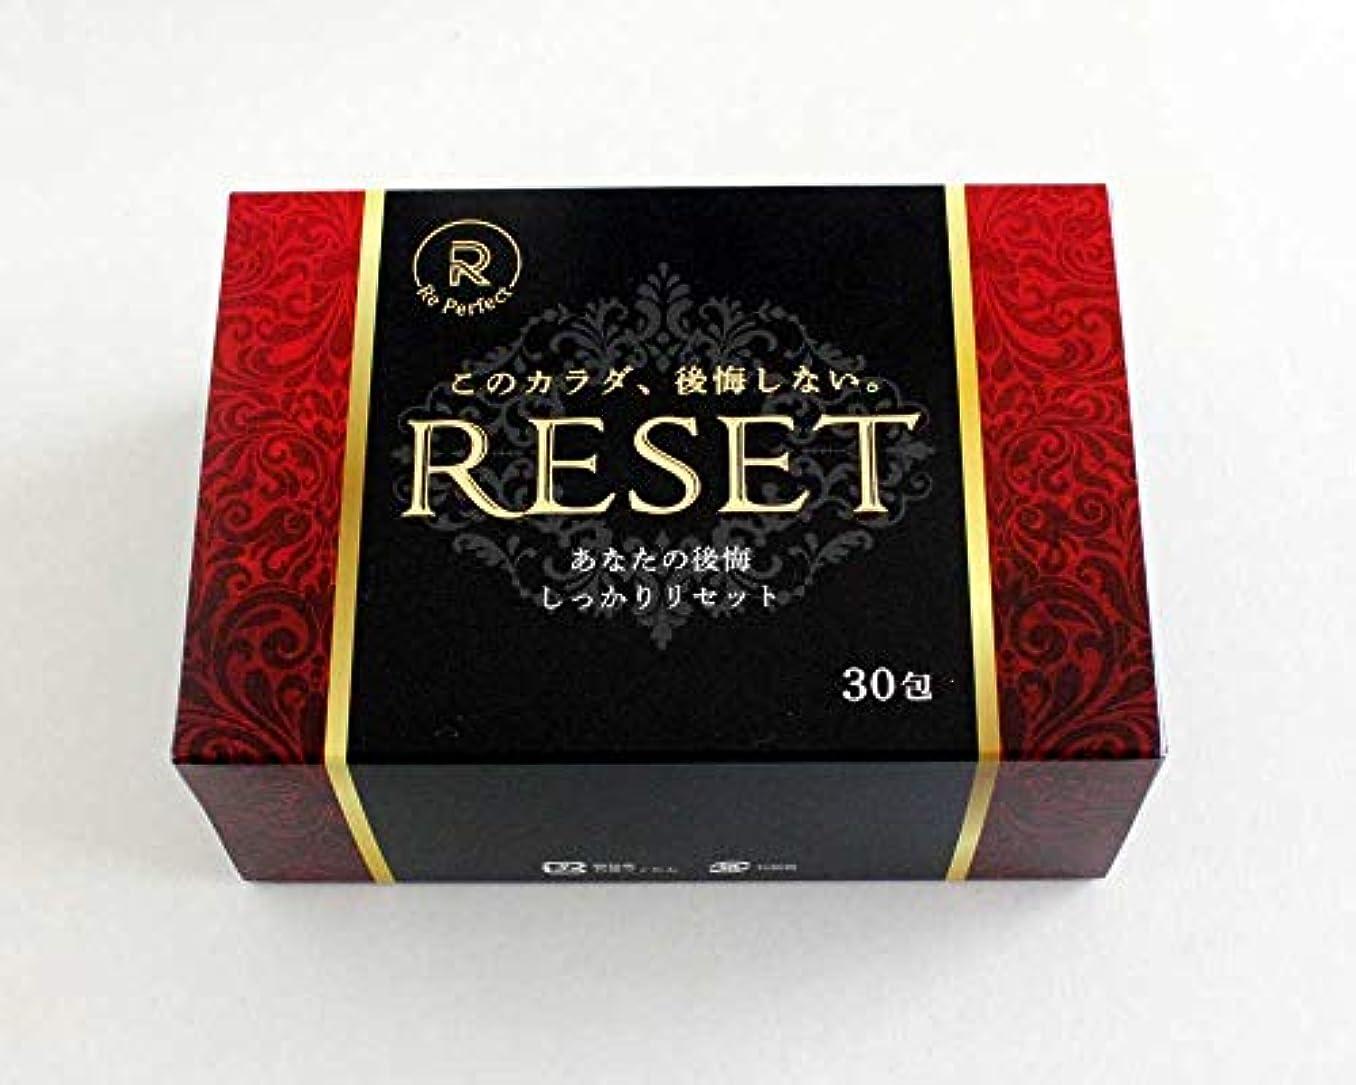 RESET(リセット)食べ過ぎた食事&アルコールの代謝?分解をサポートサプリ